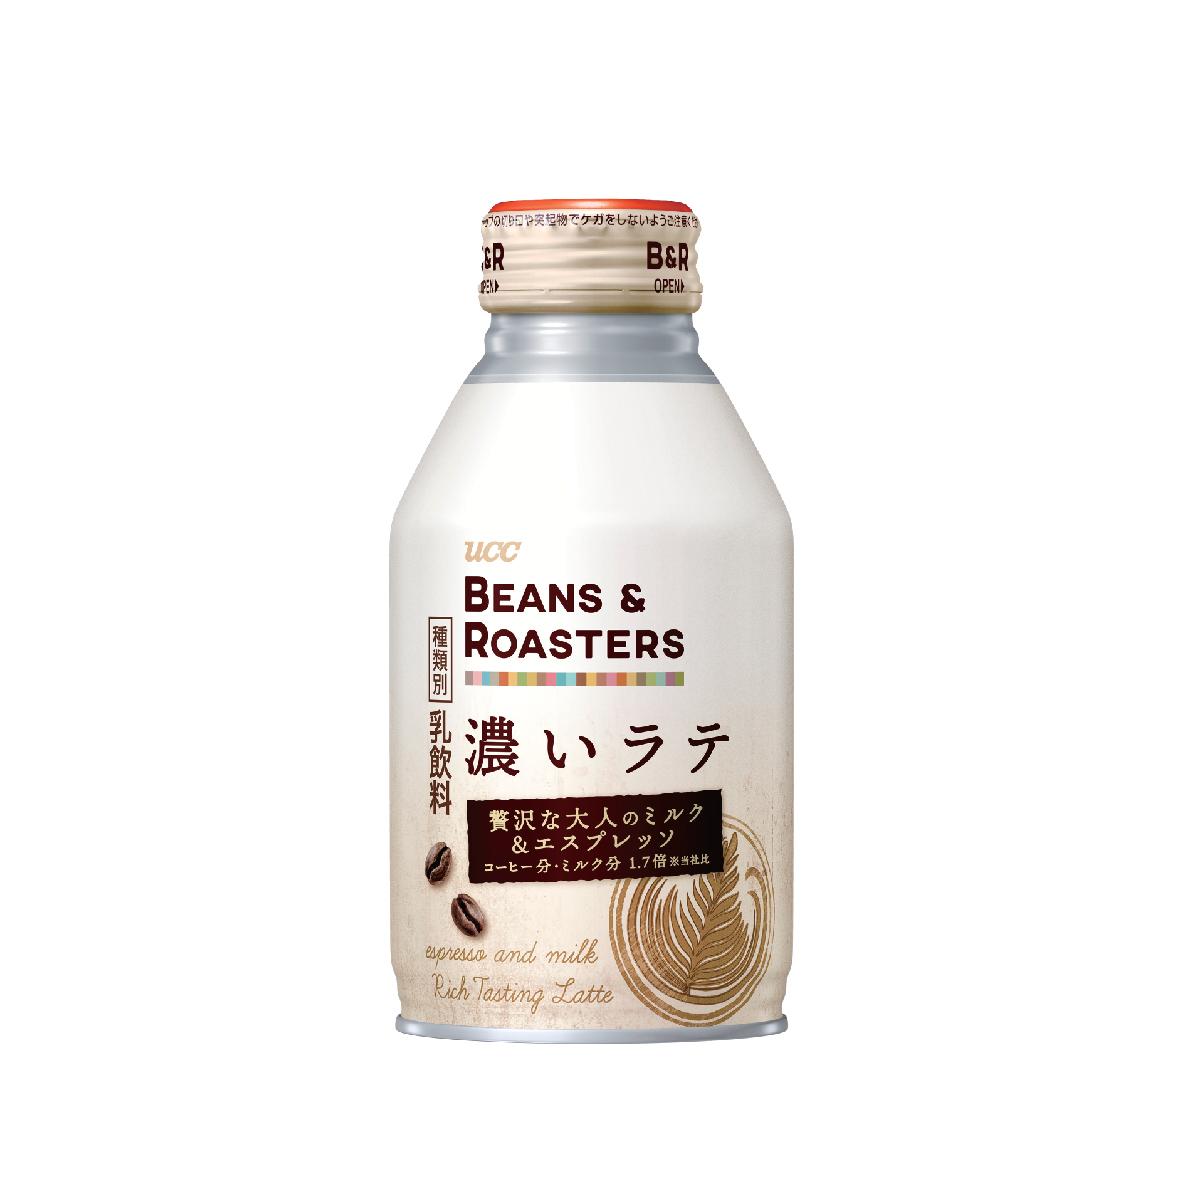 UCC Beans & Roasters Dark Latte